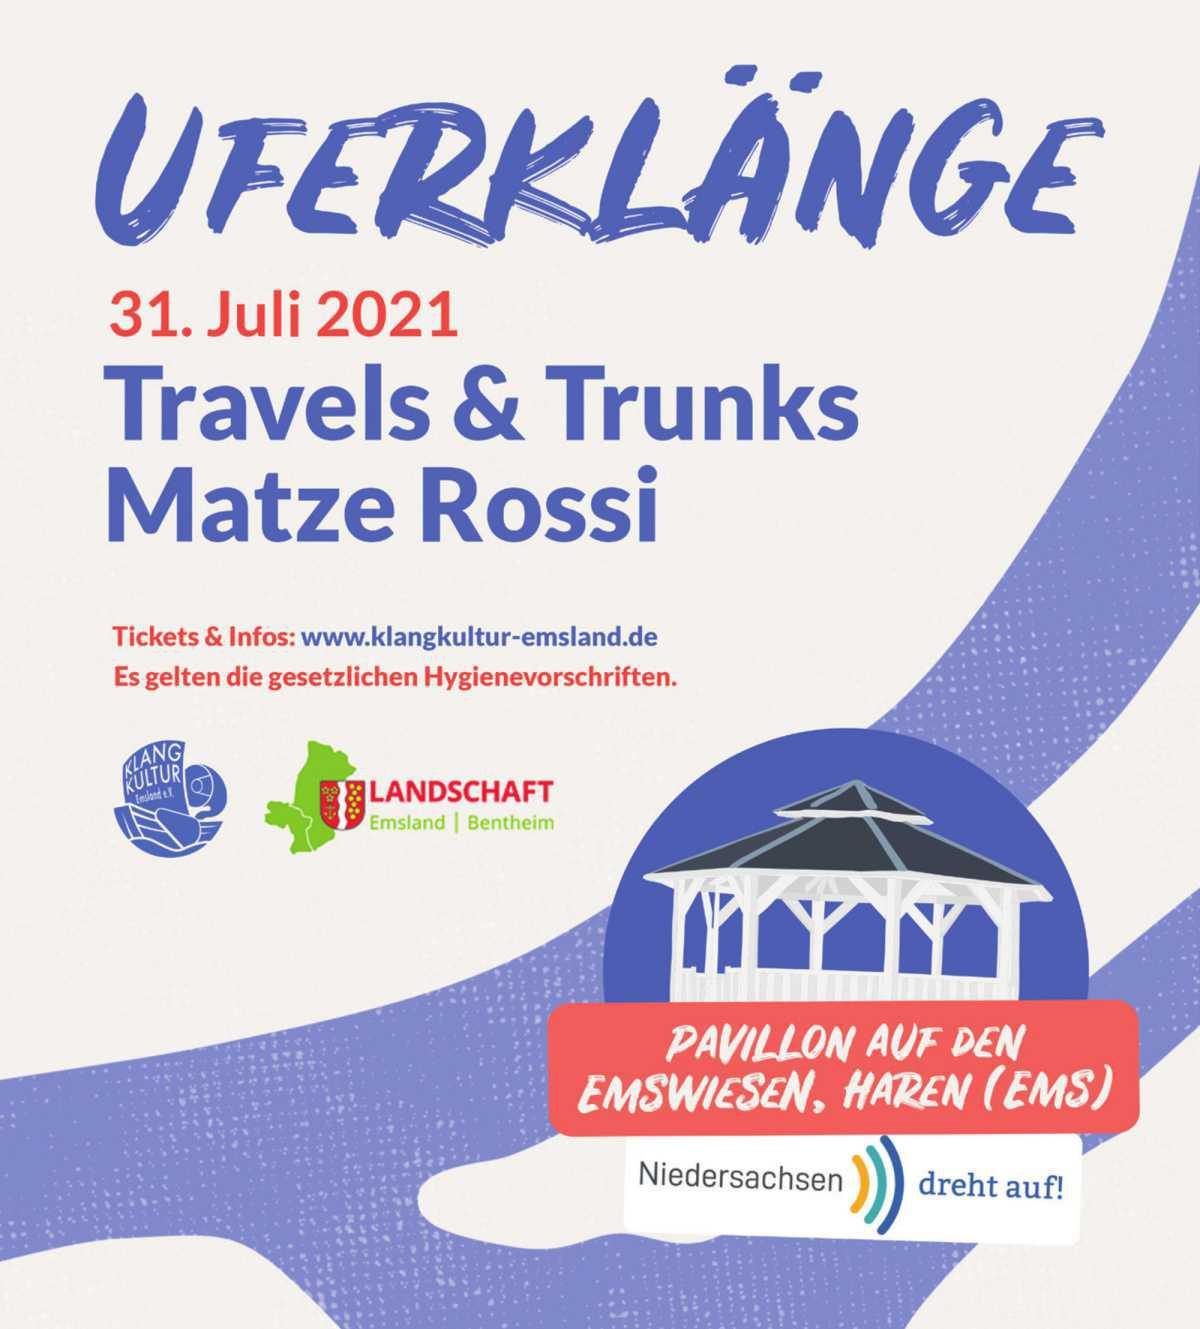 """""""Uferklänge"""" 31/07 - """"Travels & Trunks"""" & """"Matze Rossi"""""""